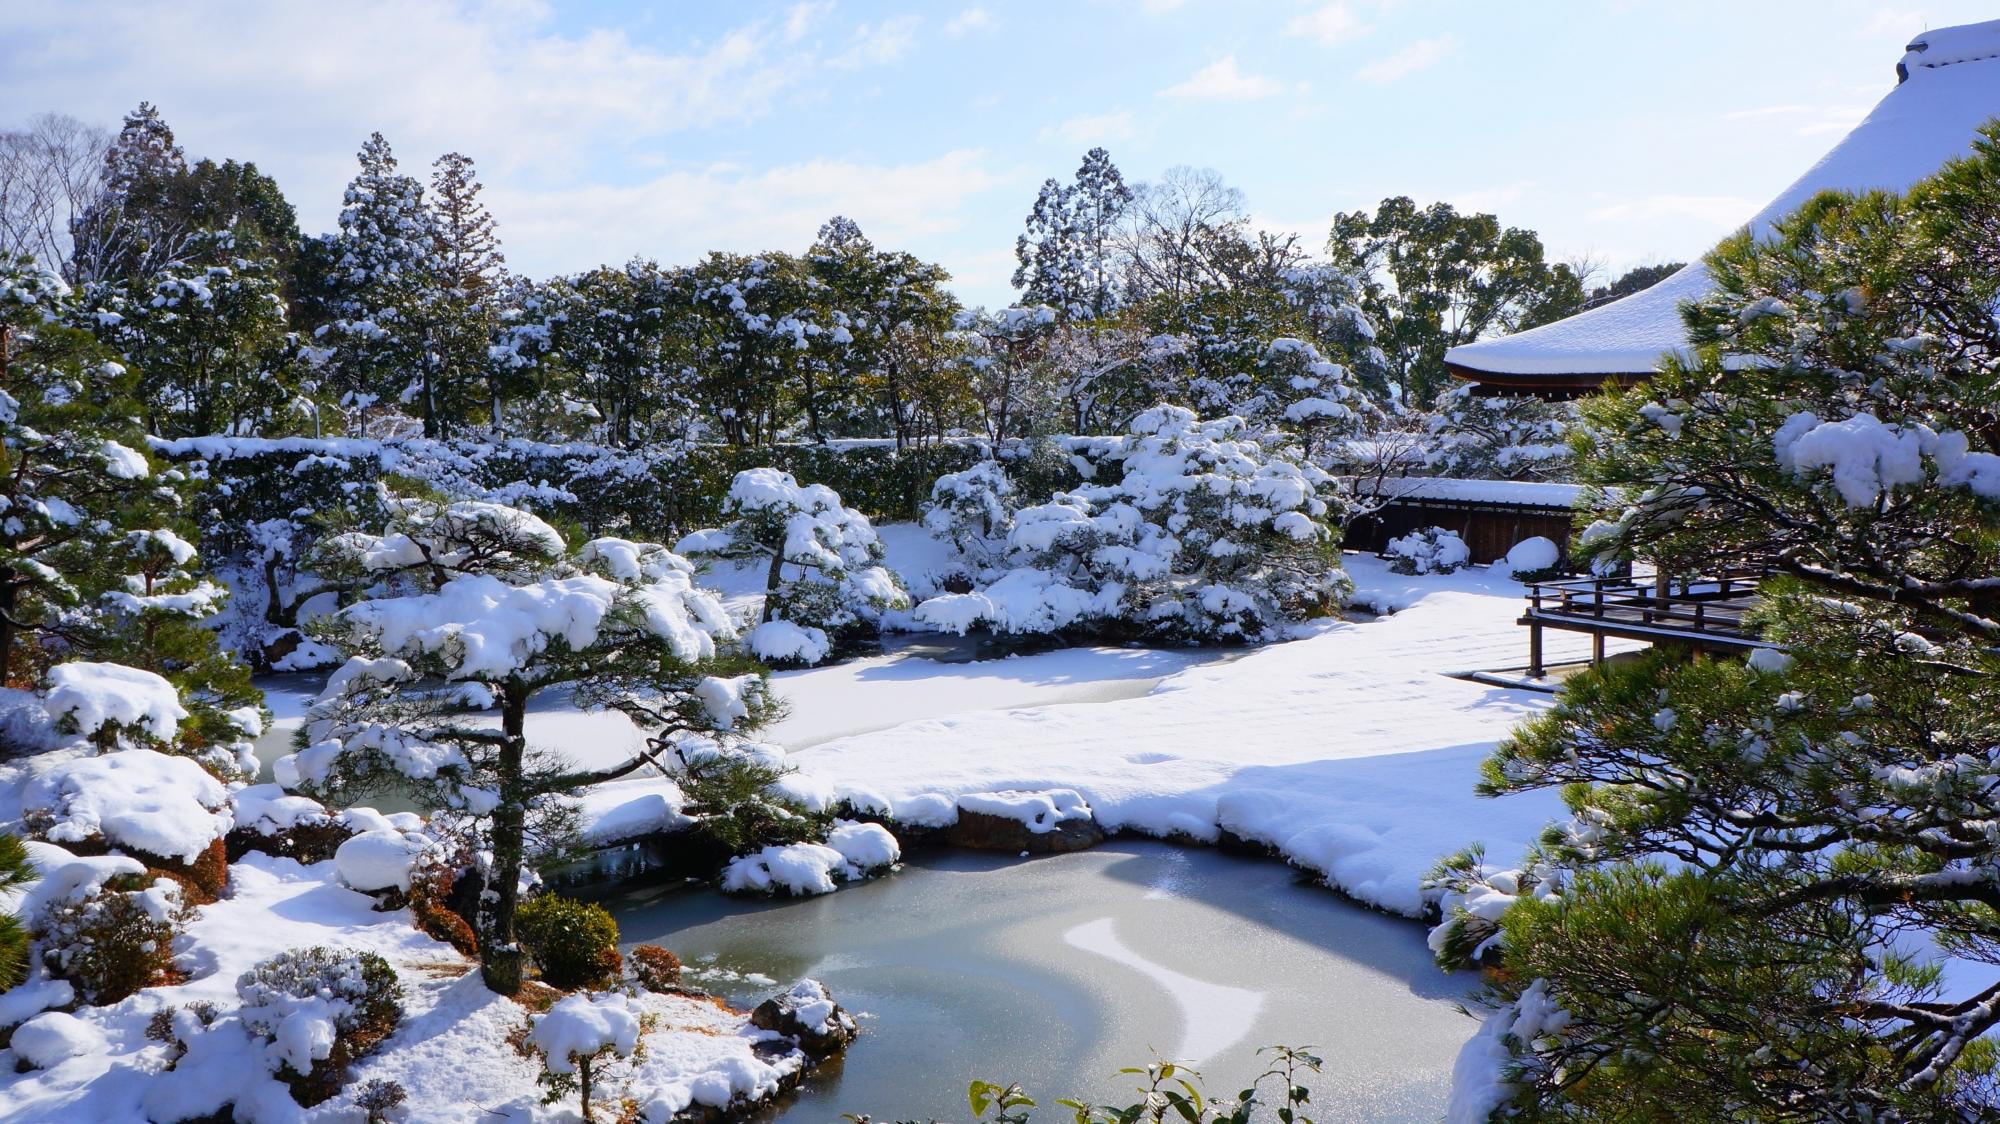 池が凍る御殿北庭の見事な冬景色